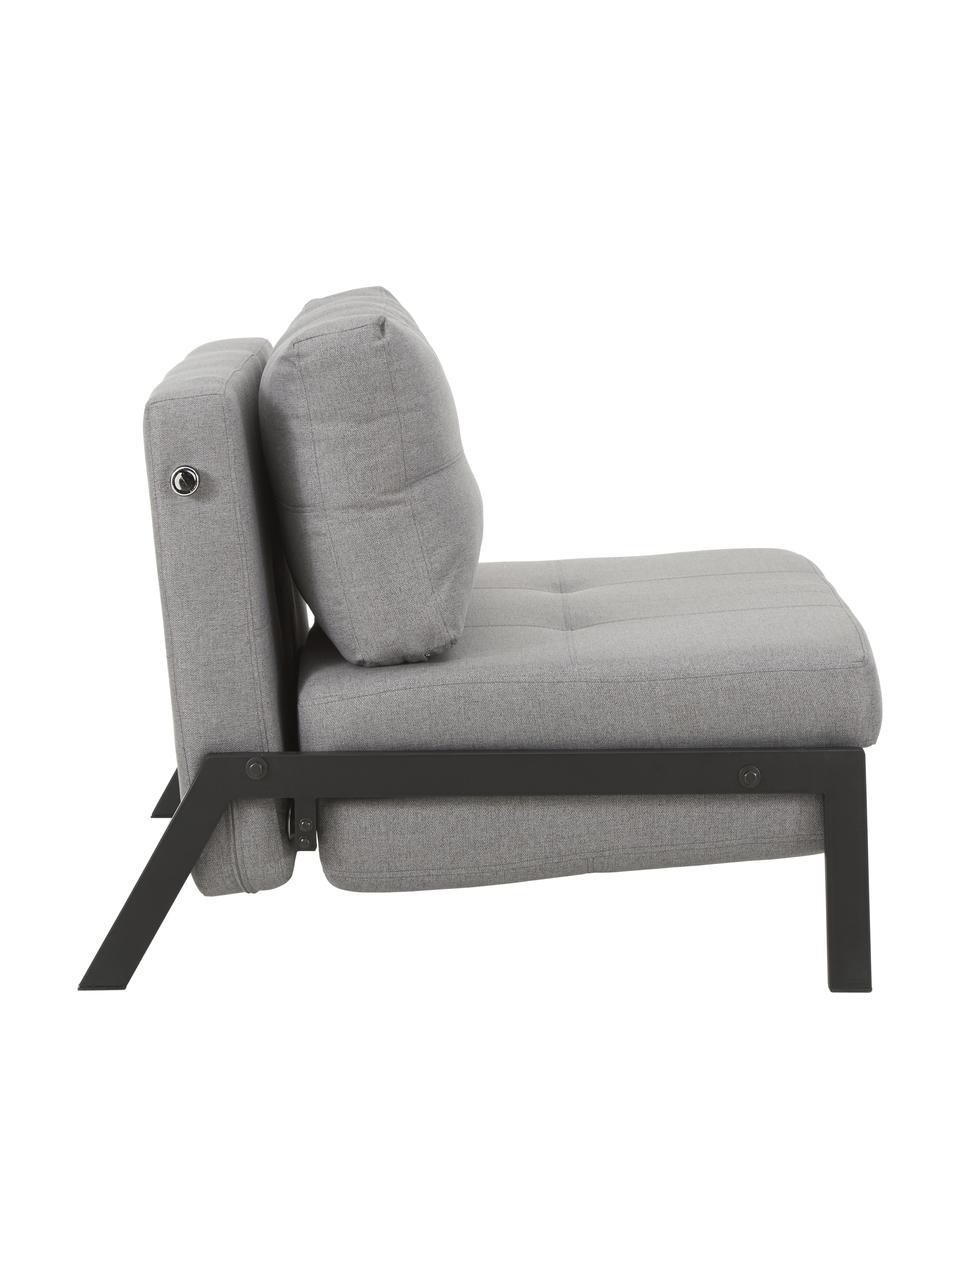 Fotel z funkcją spania z metalowymi nogami Edward, Tapicerka: 100% poliester 40000 cyk, Jasny szary, S 96 x G 98 cm